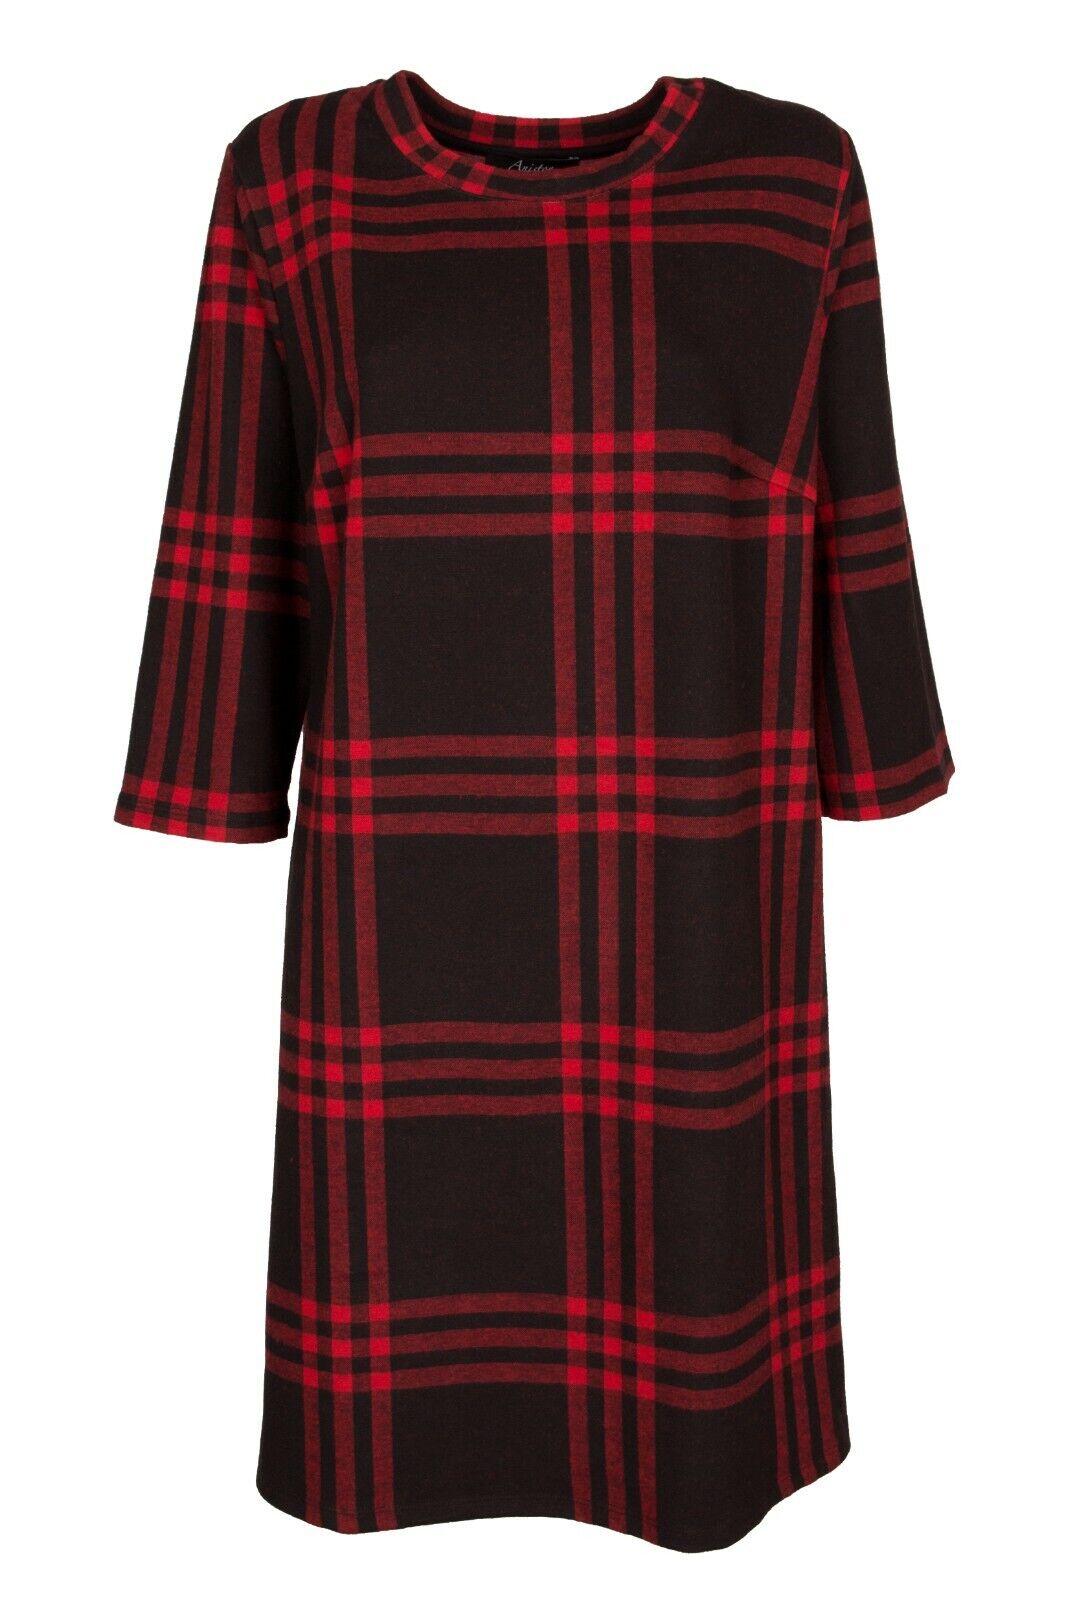 Kleid Sweatkleid Sommerkleid Freizeitkleid Partykleid rot NEU Größe 36 44 46 48